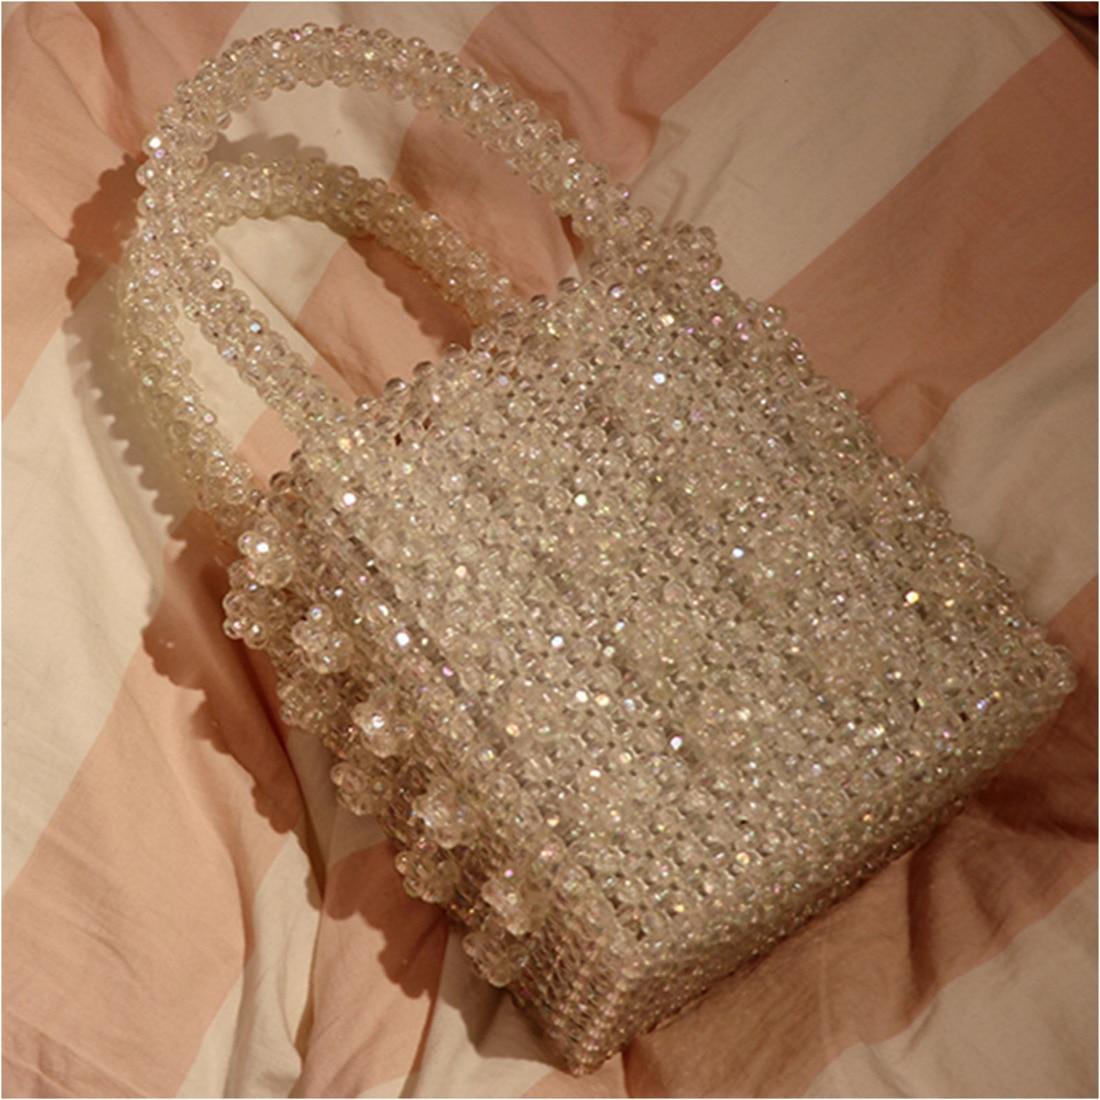 Cristal Boîte D'embrayage Sac Rond Dur Cas Cristal Boîte D'embrayage Sac de Soirée Sacs Pour Femmes Partie De Bal De Mariage Correspondant Robe